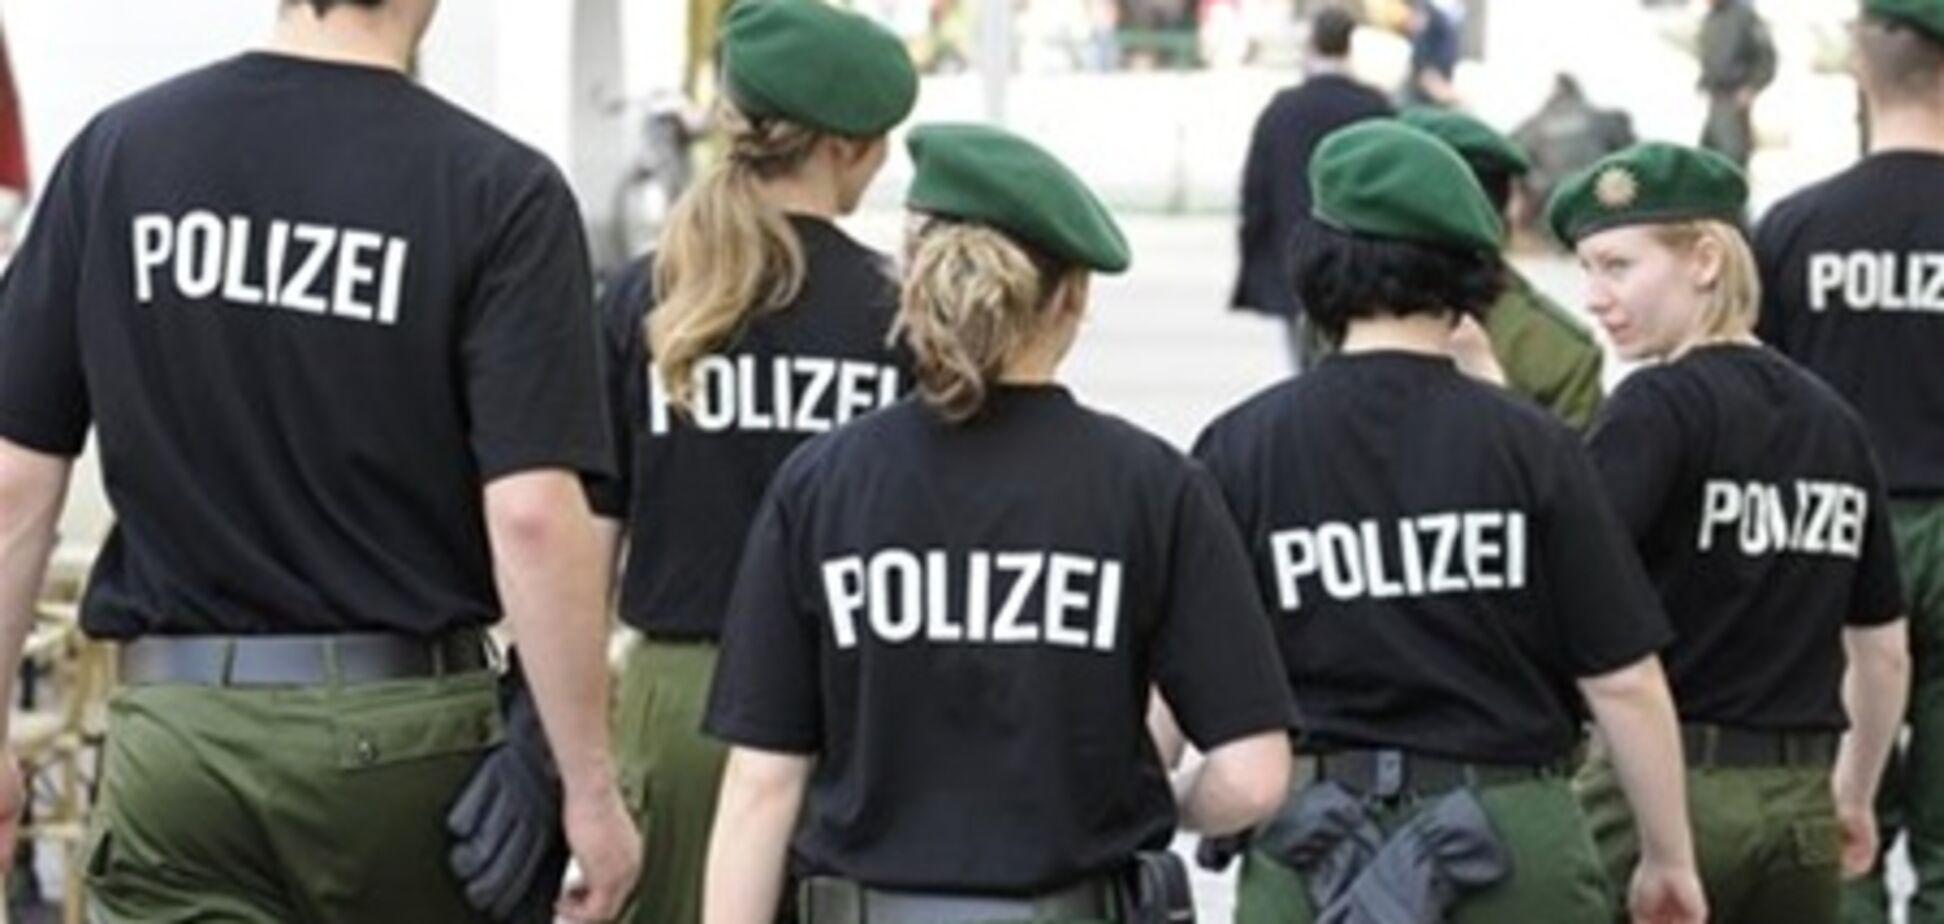 Германию обвинили в финансировании белорусской милиции